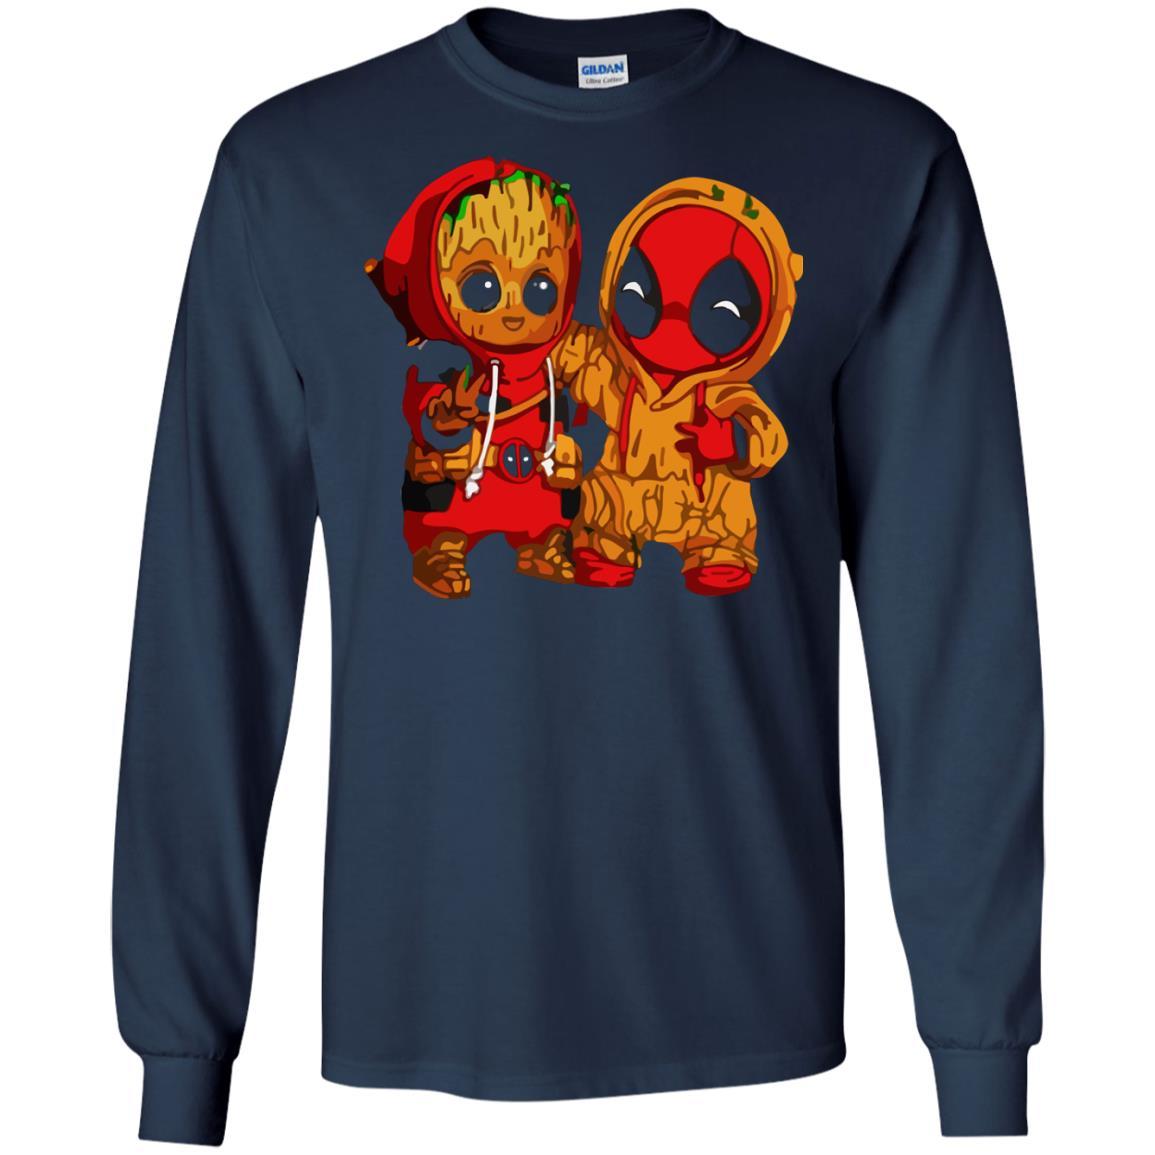 image 434 - Baby Groot And Deadpool Sweatshirt, Hoodie